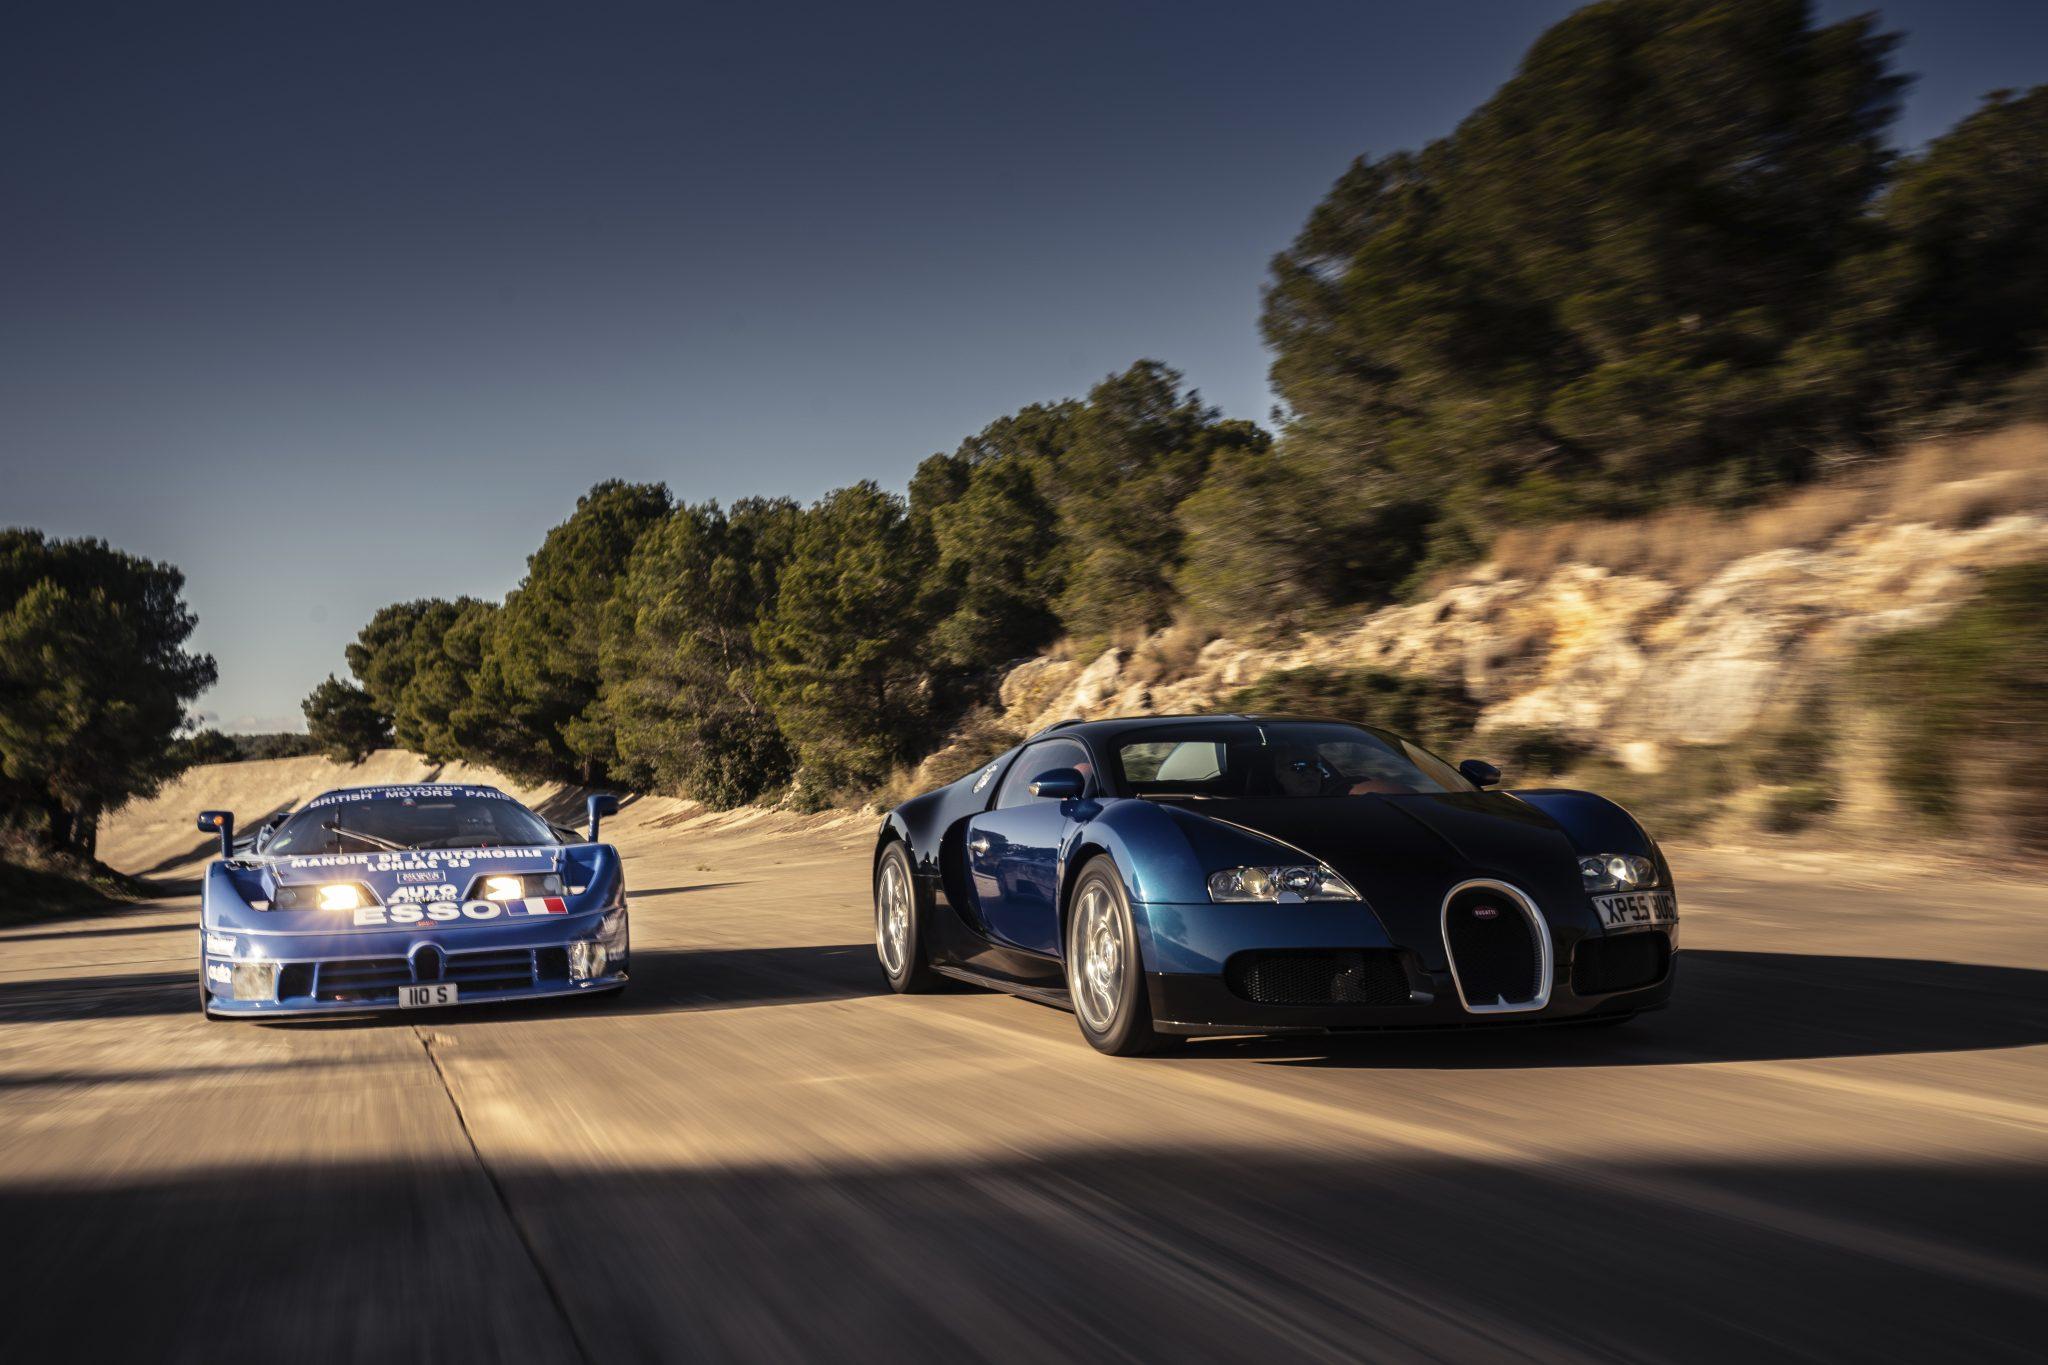 Bugatti Veyron blauw met zwart